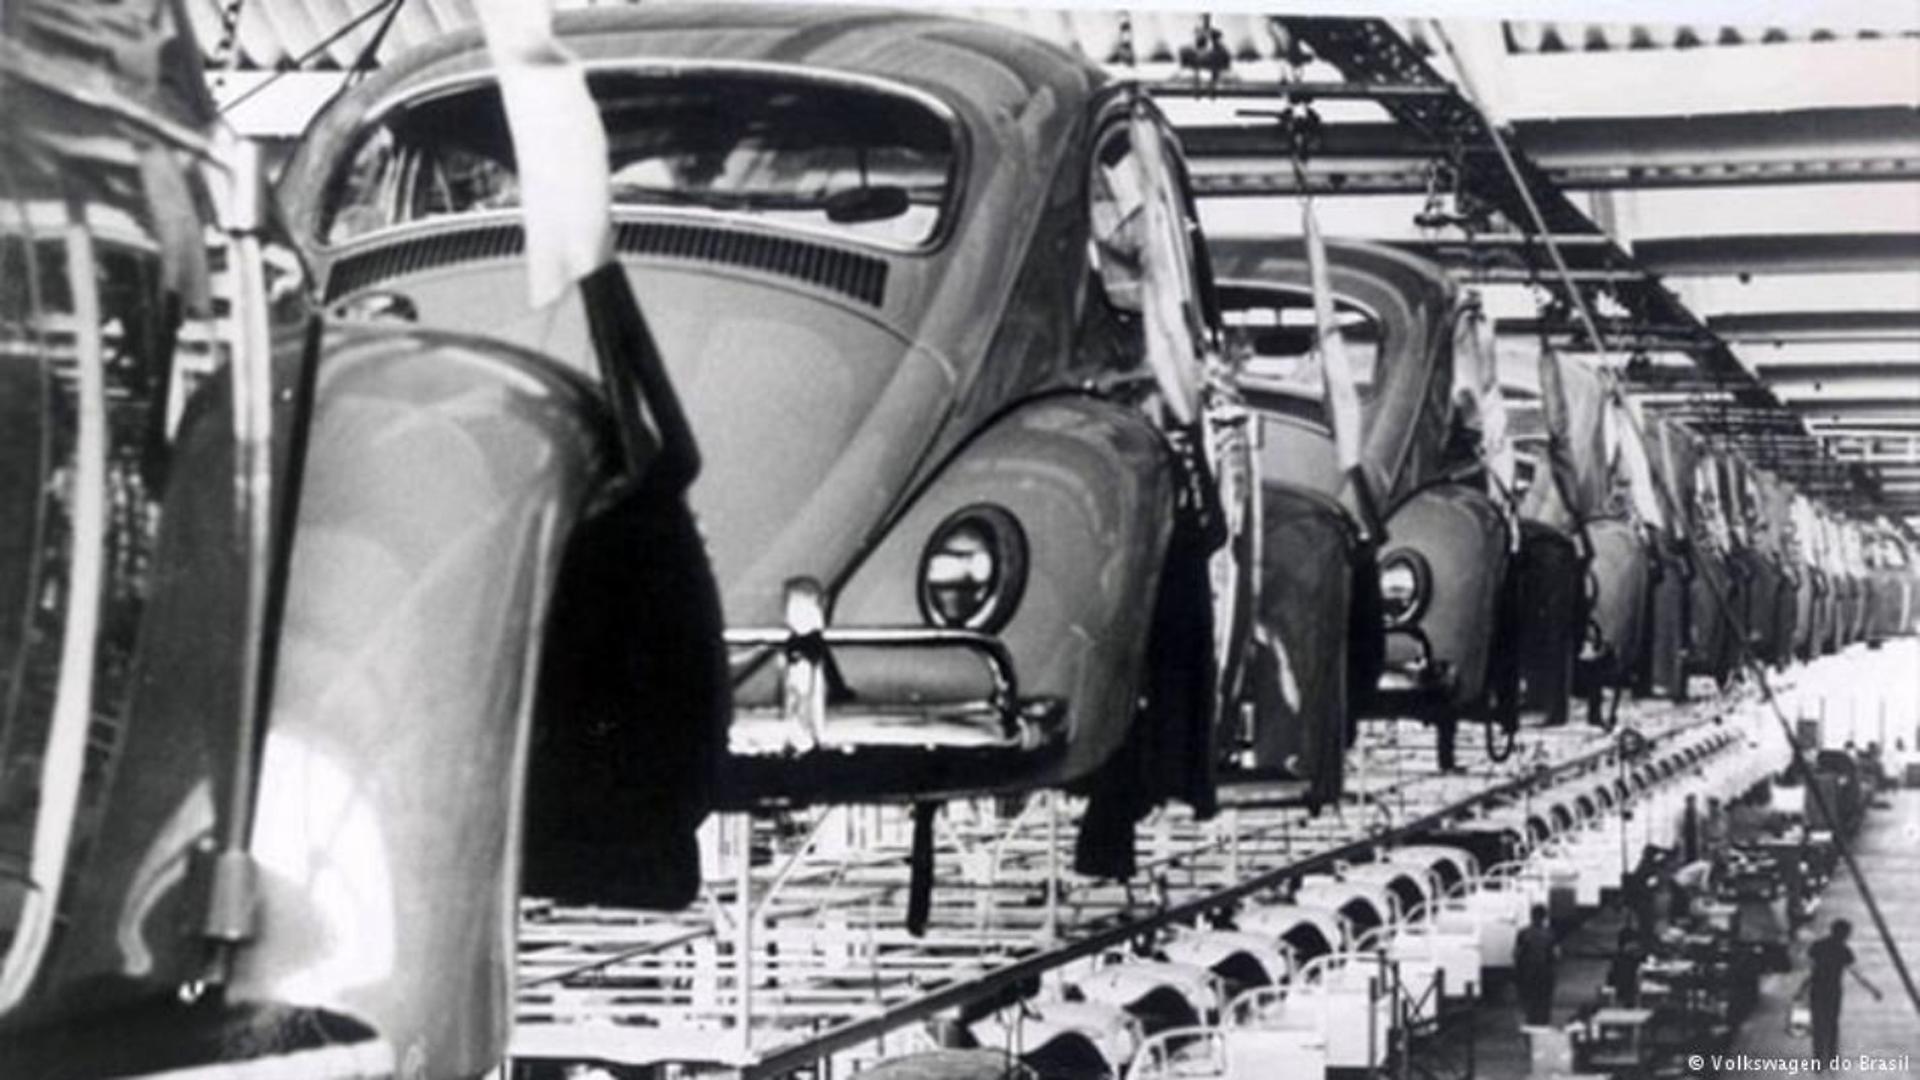 A Volkswagen assinou um termo de ajustamento de conduta (TAC) com o MPF em que se compromete a pagar R$ 36,6 milhões como reparação pelos graves casos de violação dos direitos humanos